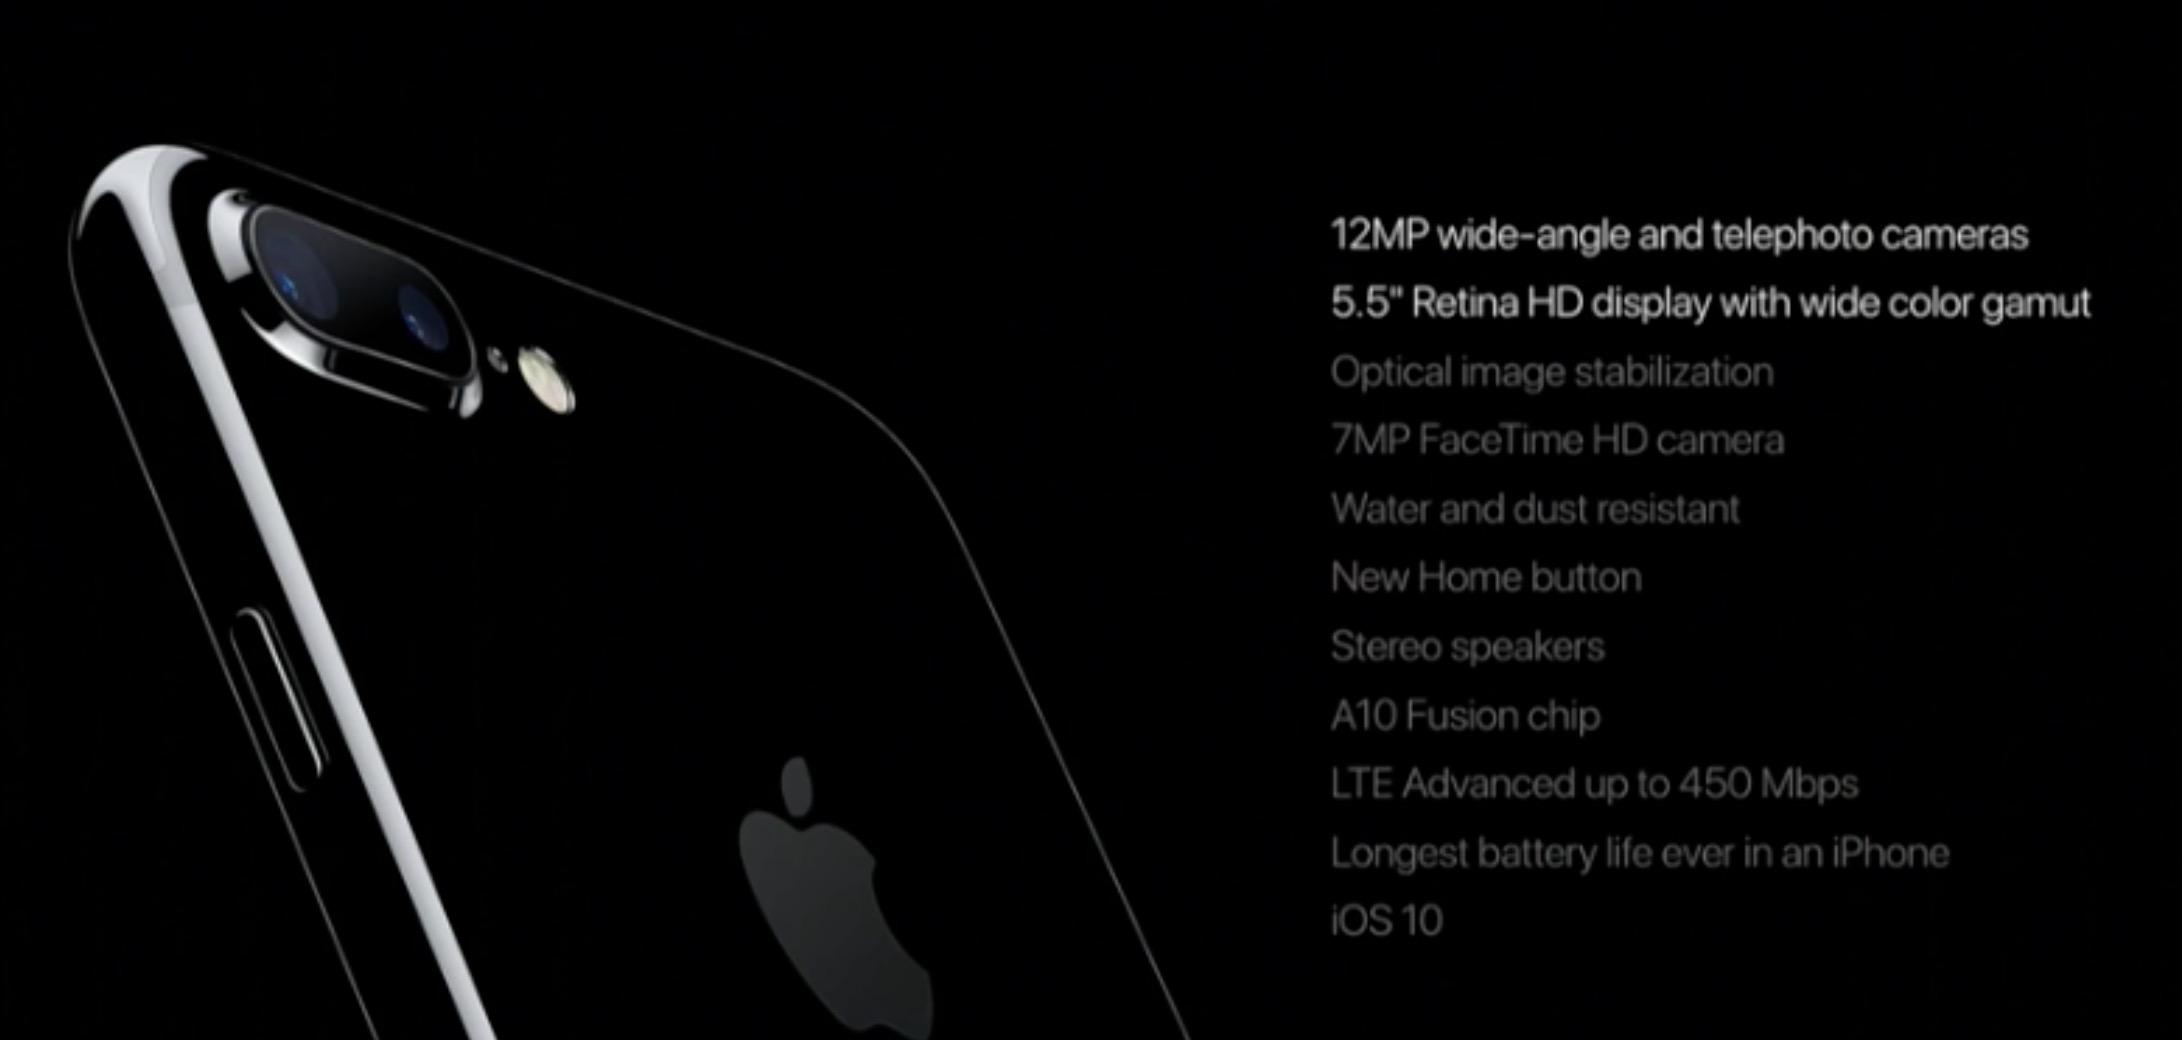 iPhone 7 Plus specifiche tecniche e caratteristiche